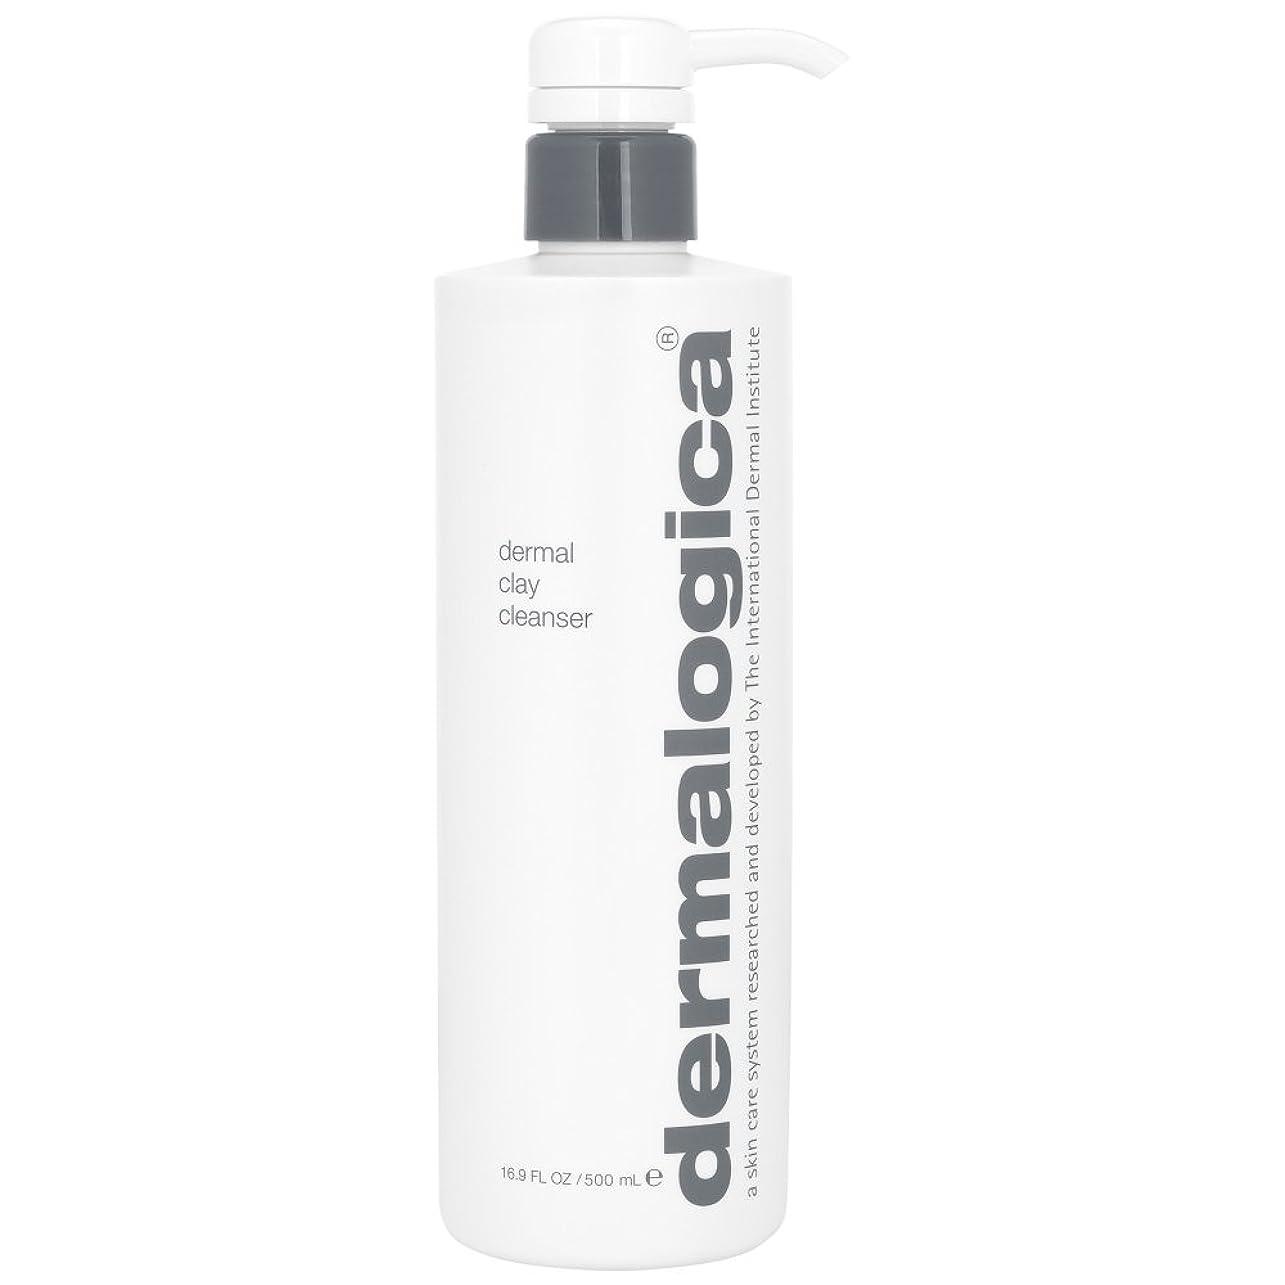 ジーンズ分子勃起ダーマロジカ真皮クレイクレンザー500ミリリットル (Dermalogica) (x2) - Dermalogica Dermal Clay Cleanser 500ml (Pack of 2) [並行輸入品]